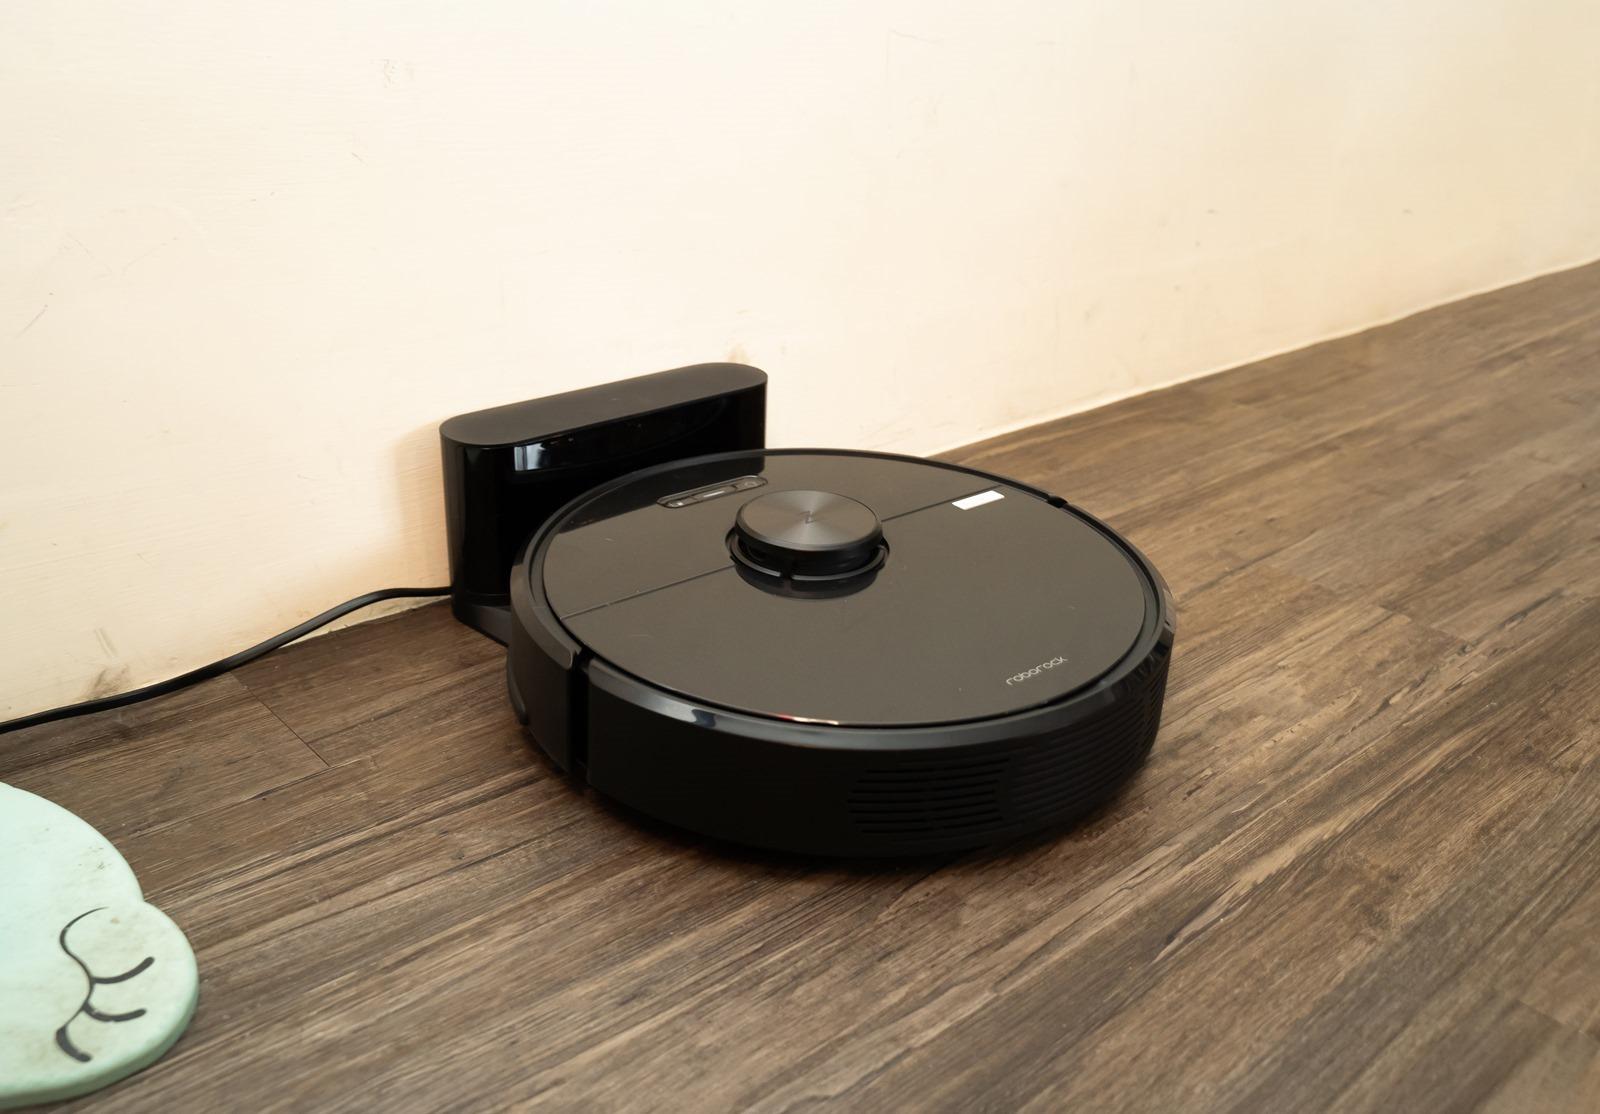 可吸可拖地表最強!石頭掃地機器人 S6 全面功能升級,不只更強還更安靜! @3C 達人廖阿輝